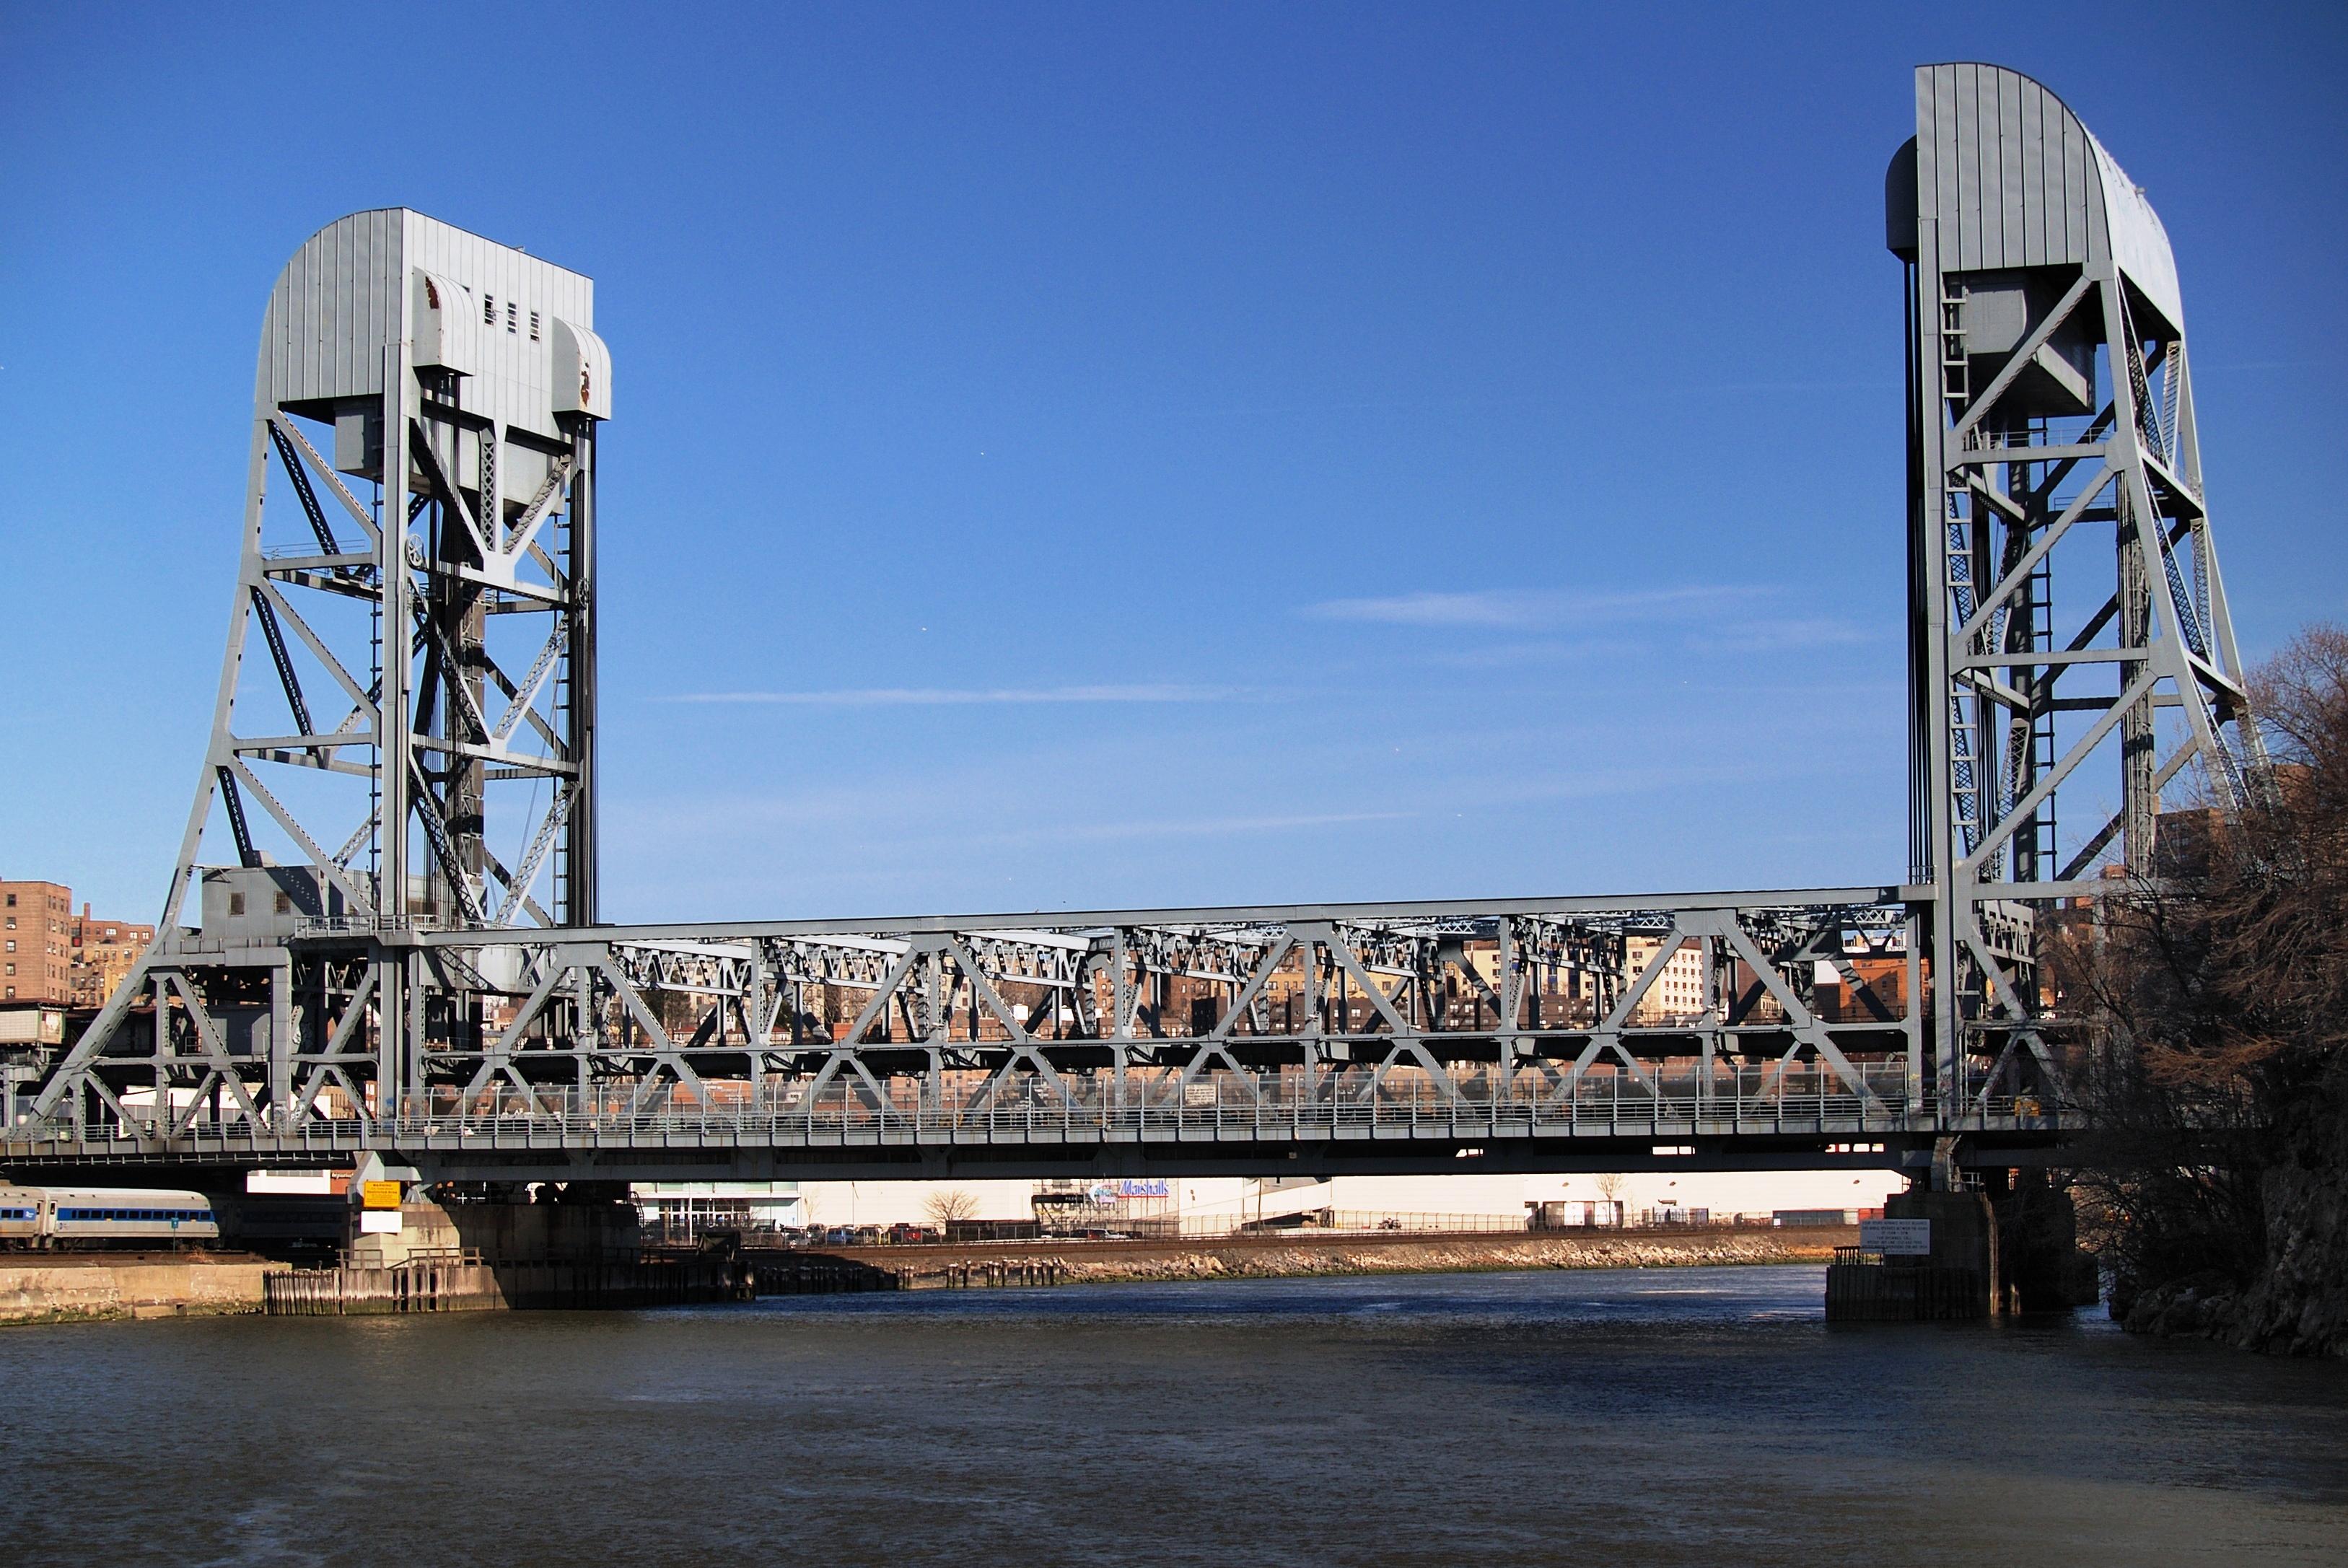 ブロードウェイ橋 (マンハッタン)